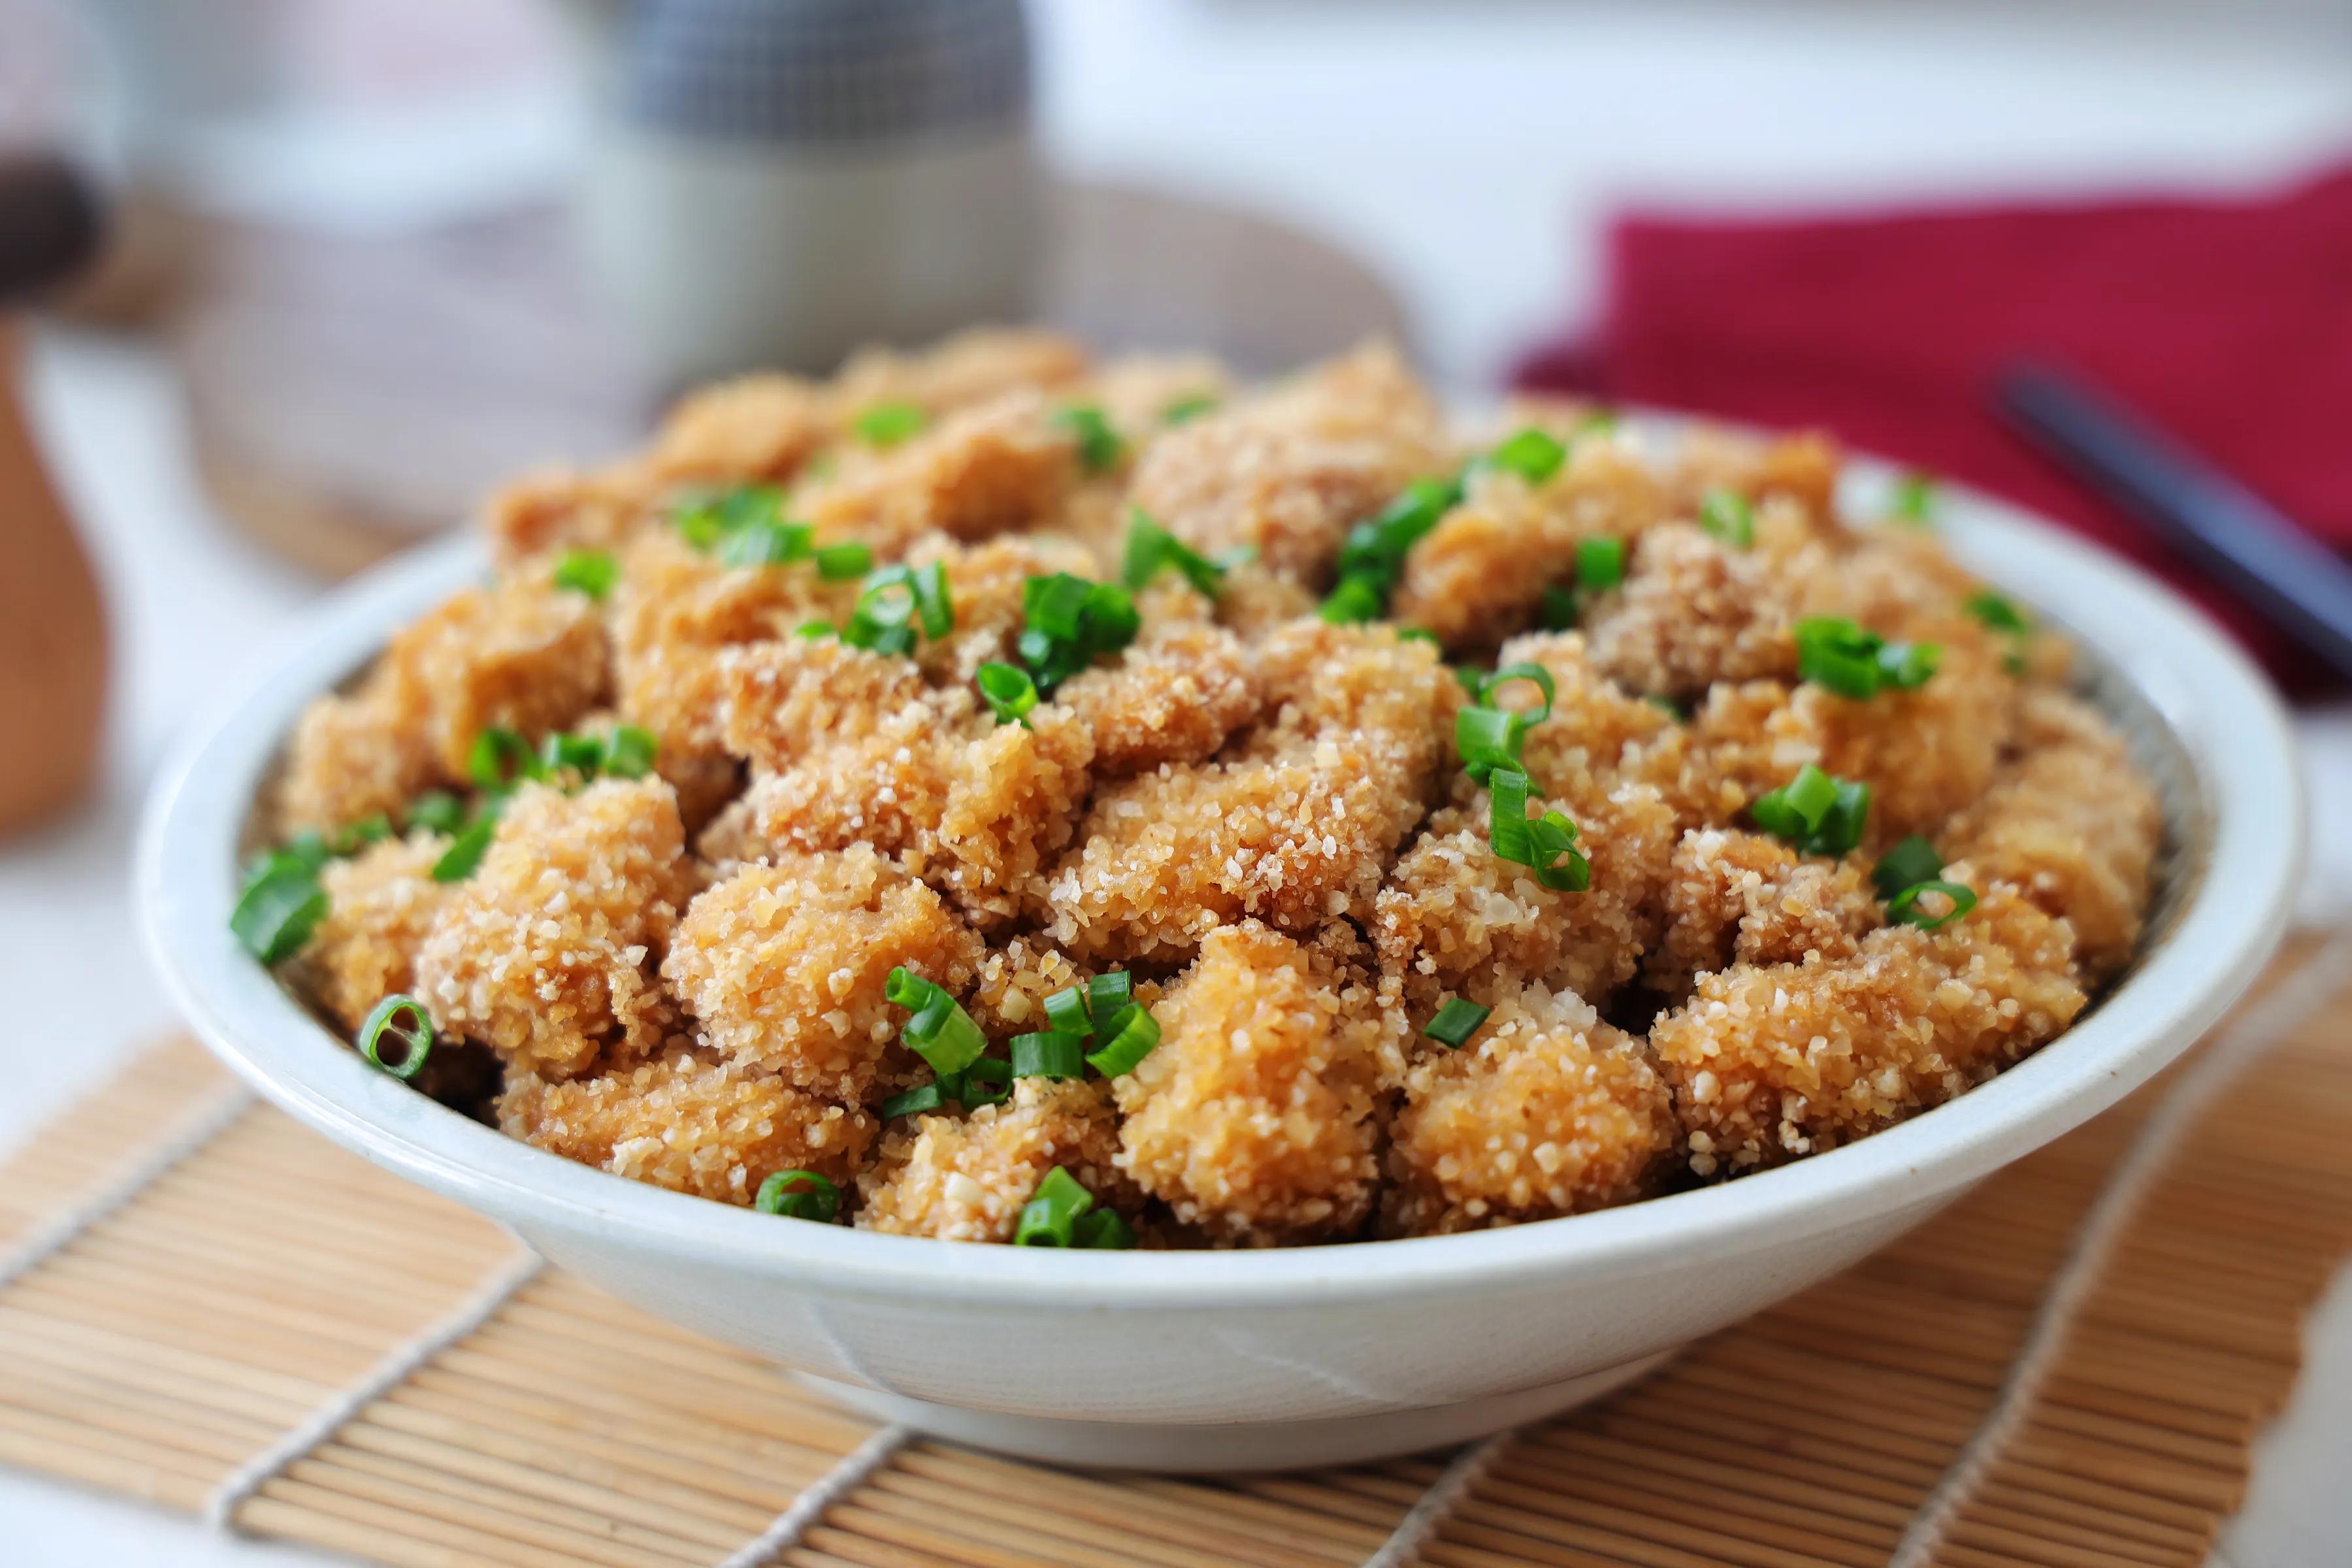 就爱鸡胸肉这个做法,不柴不硬不加油,好吃还不上火,越嚼越香! 美食做法 第2张